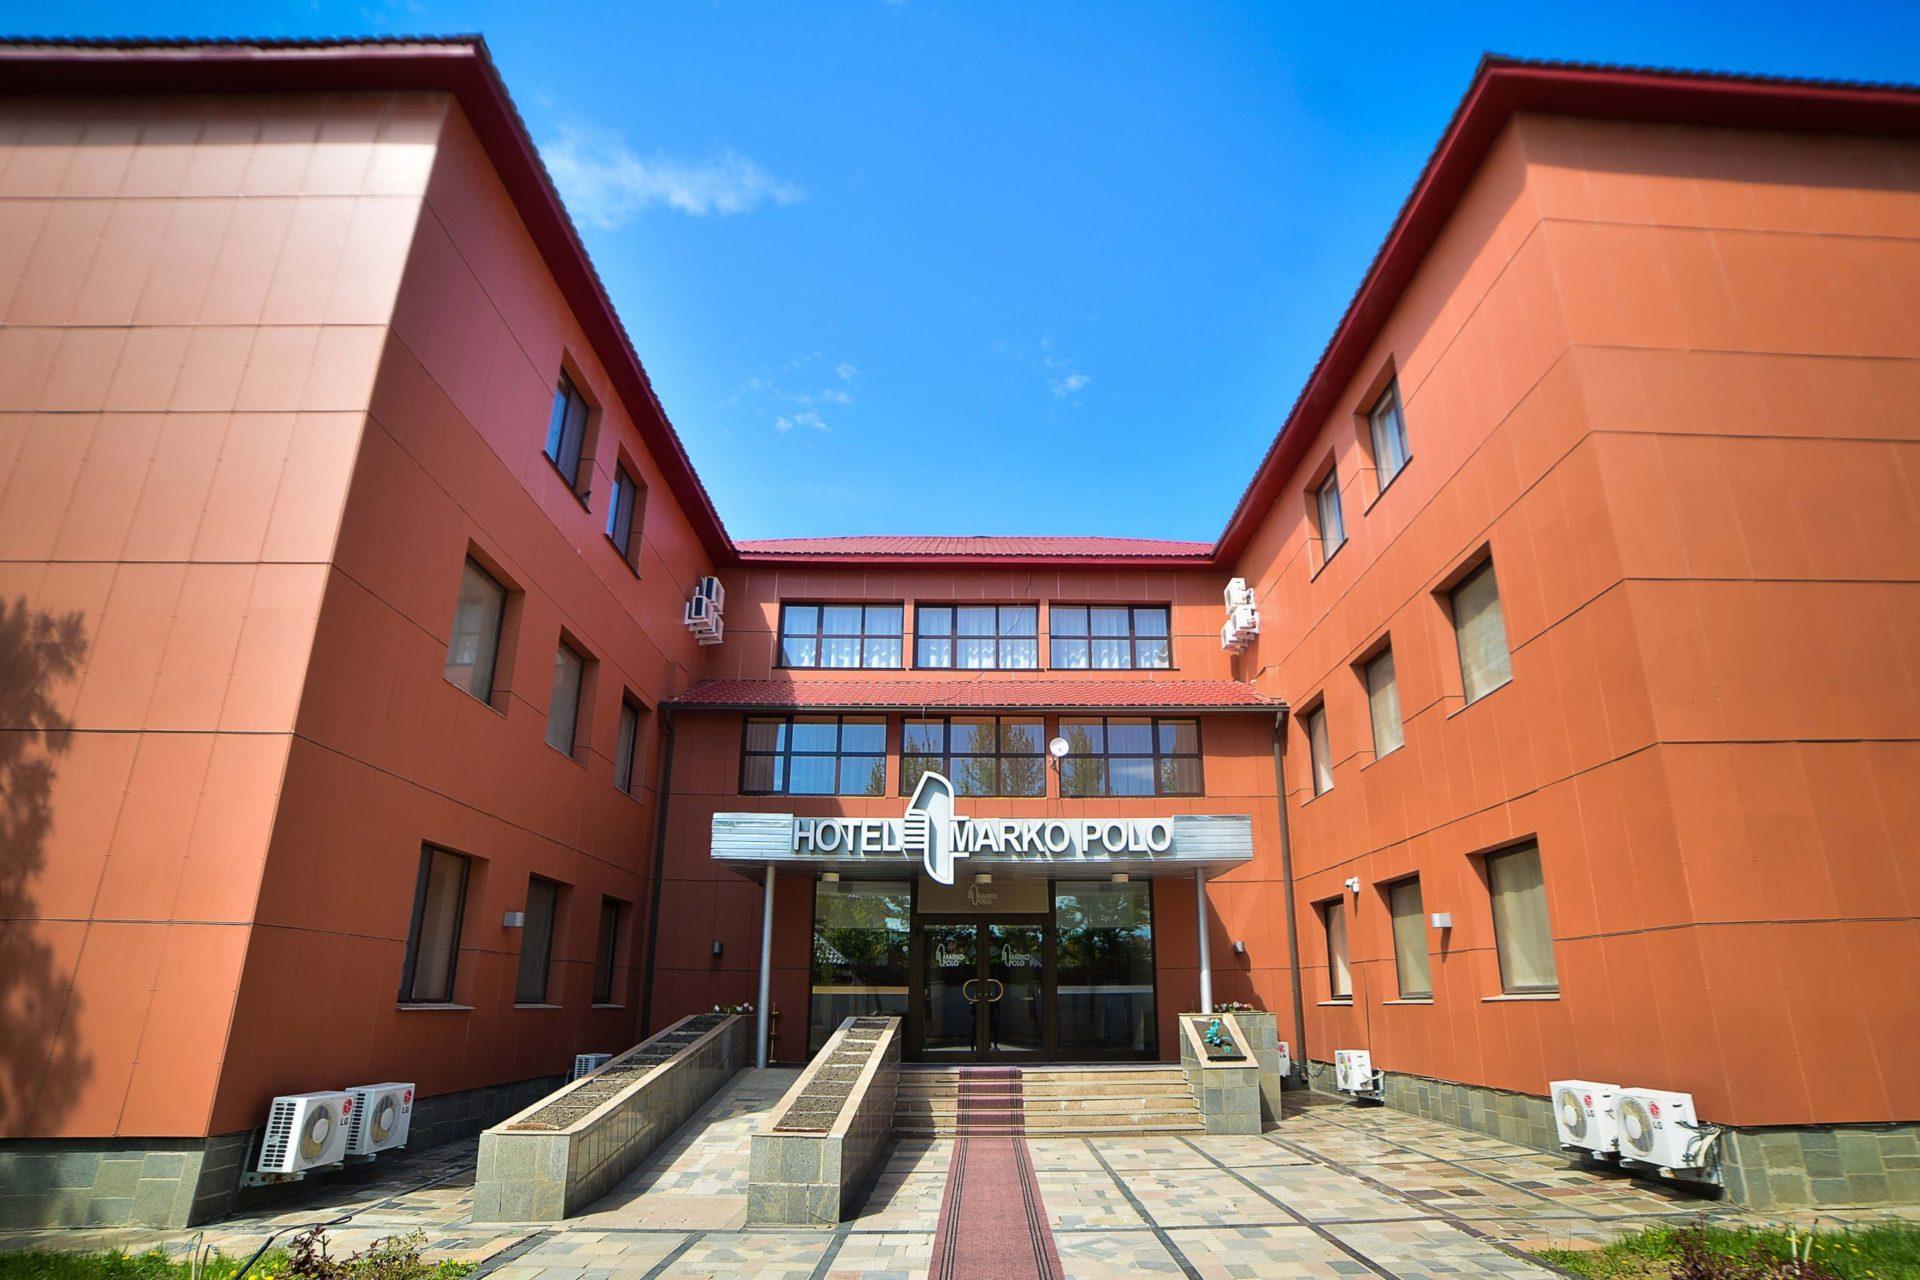 """Отель """"Marco polo"""" в г.Аксай, Казахстан"""